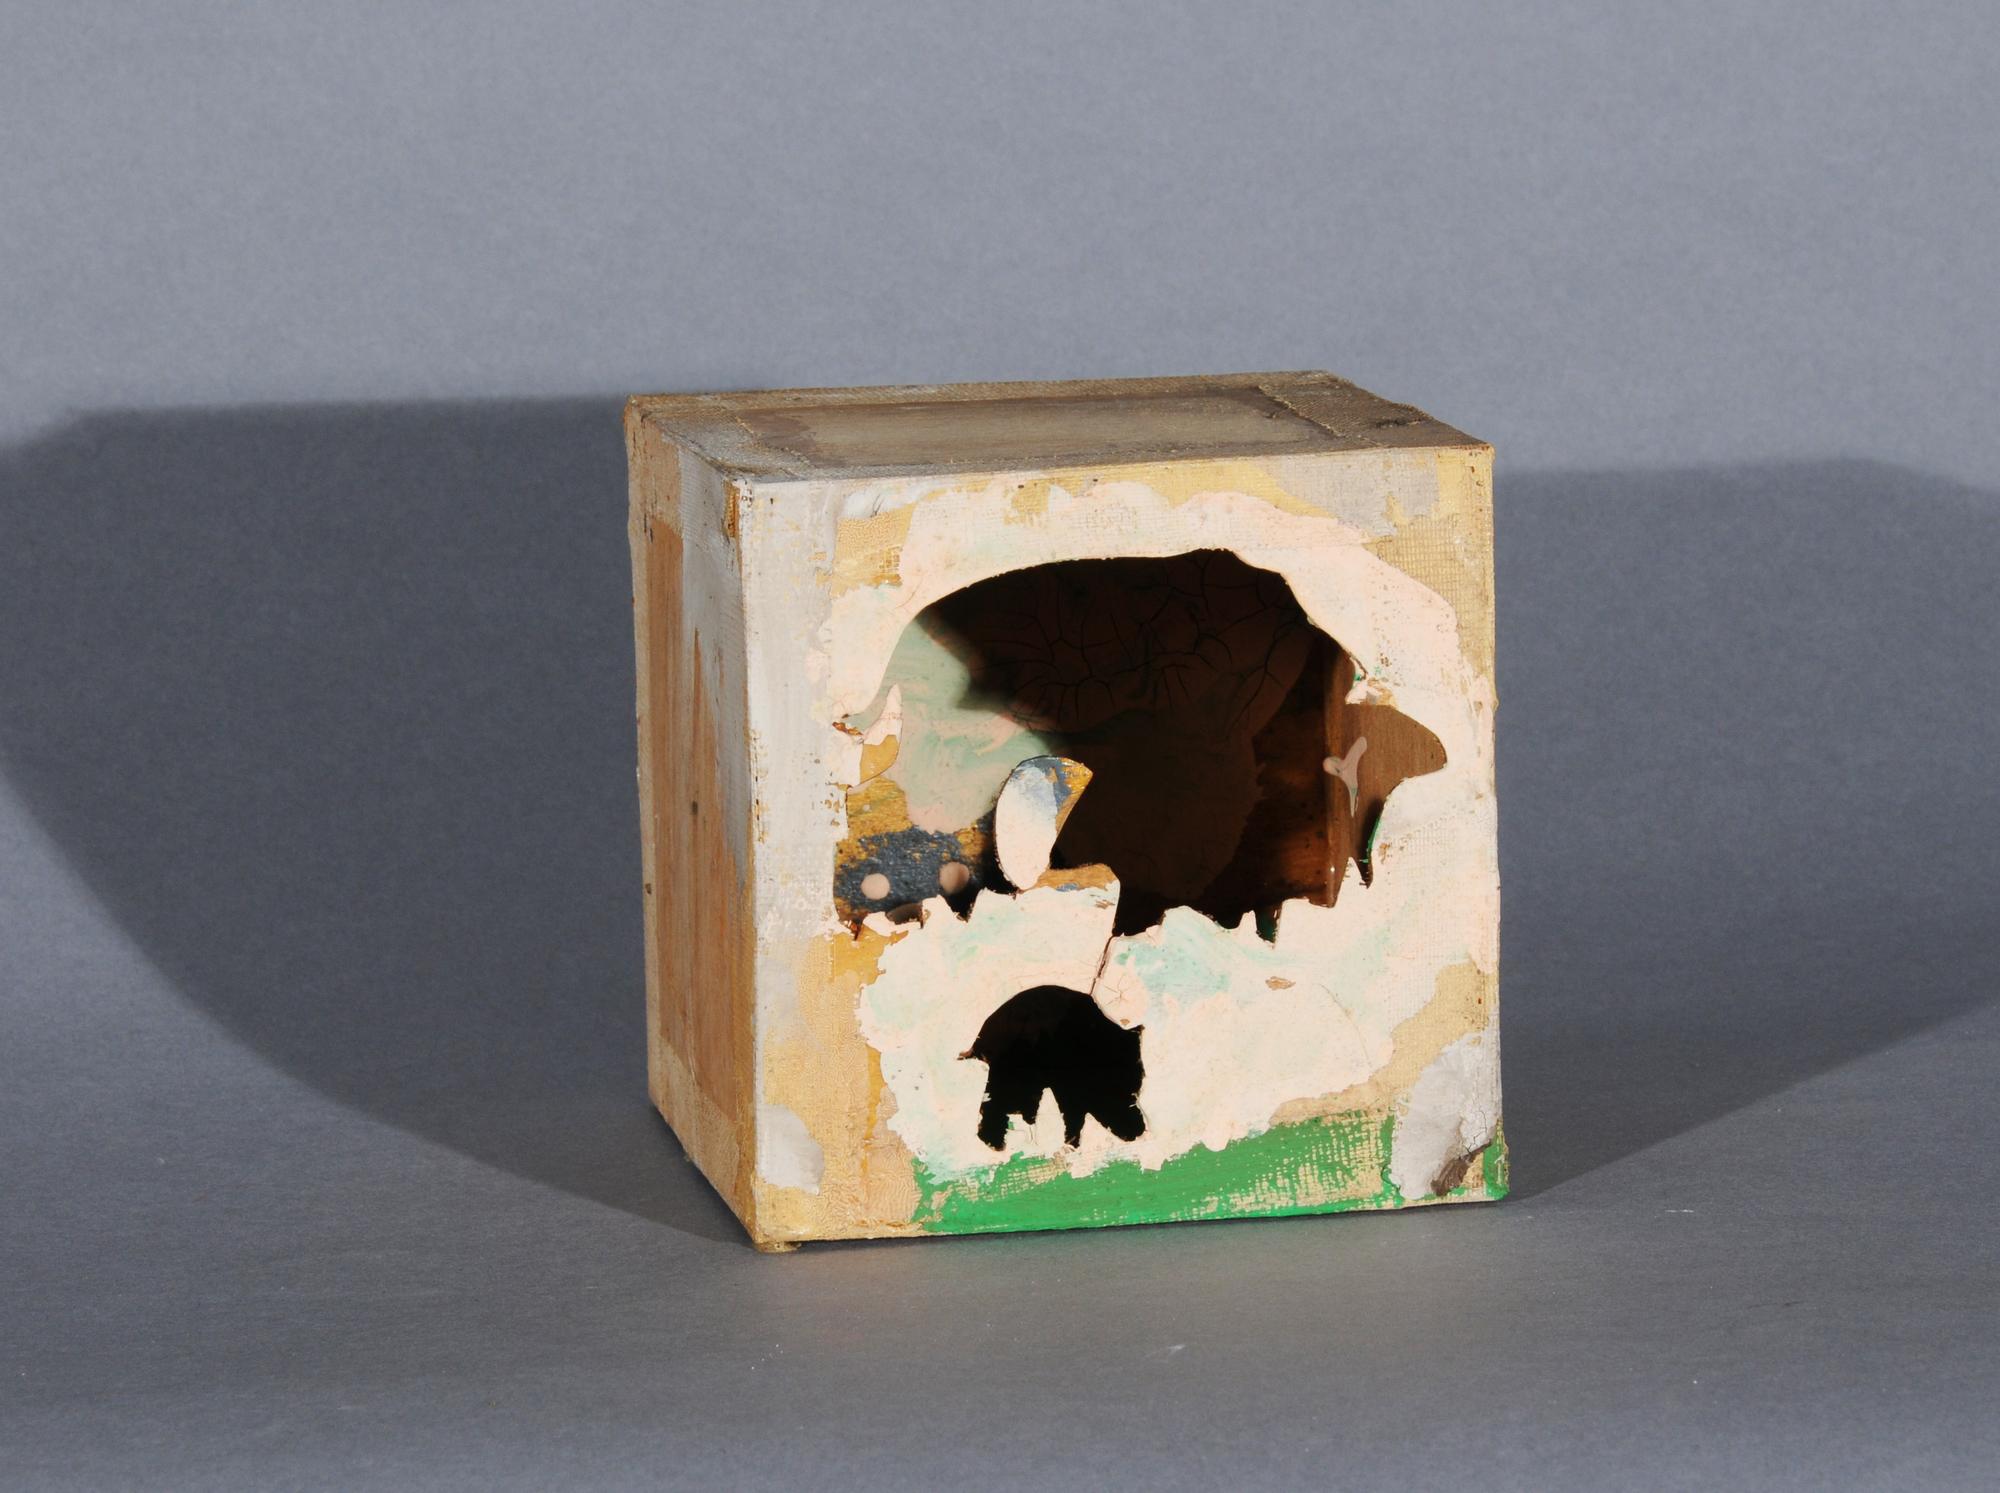 Virnich Thomas, Untitled (Box)